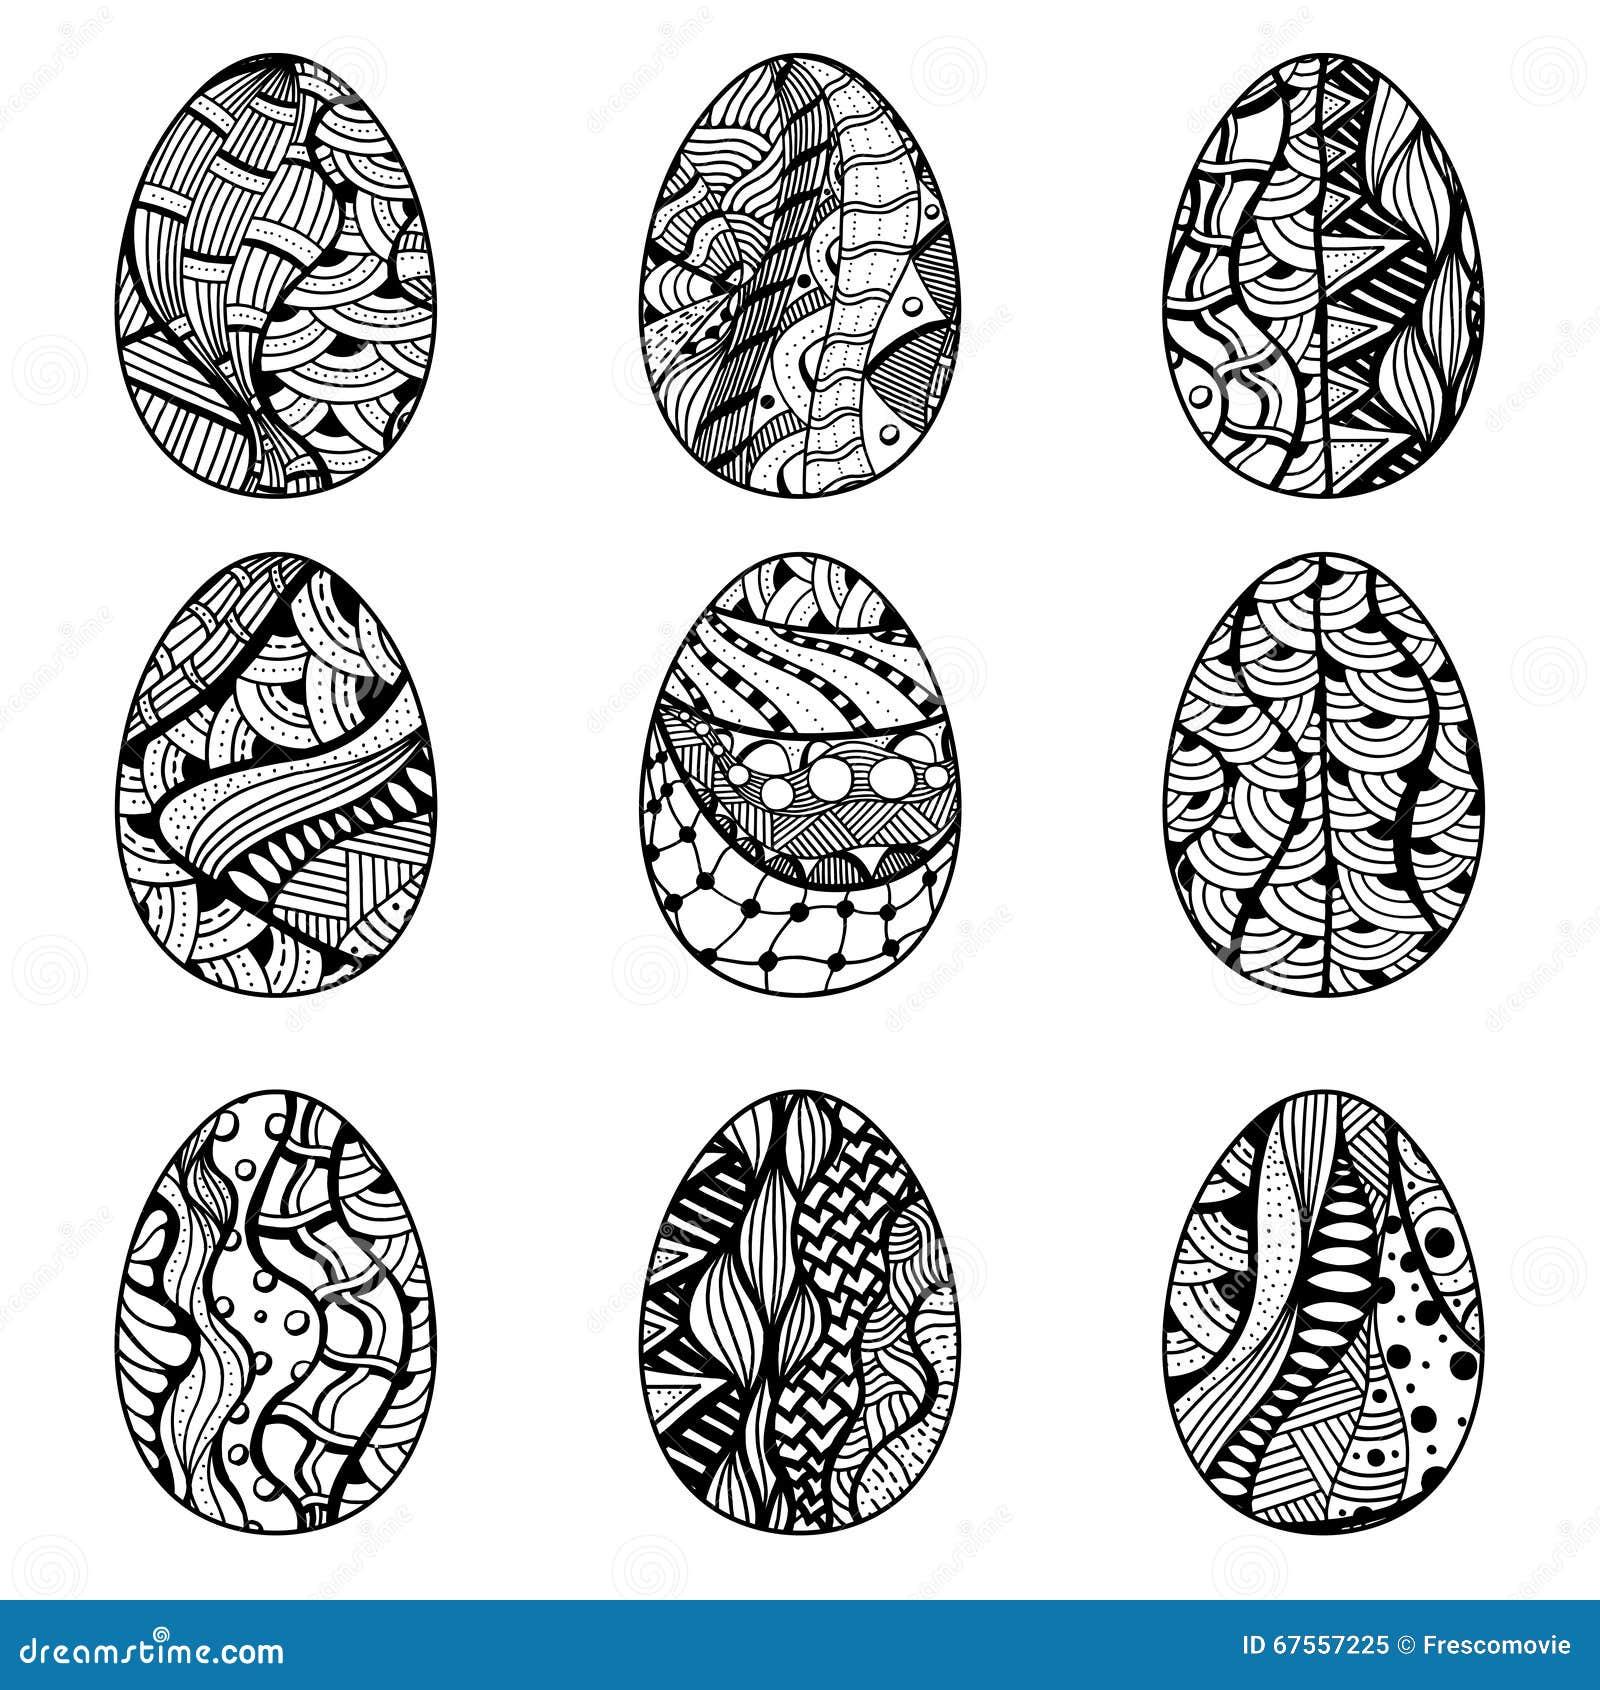 Uova di pasqua disegnate a mano illustrazione vettoriale - Uova di pasqua decorati a mano ...